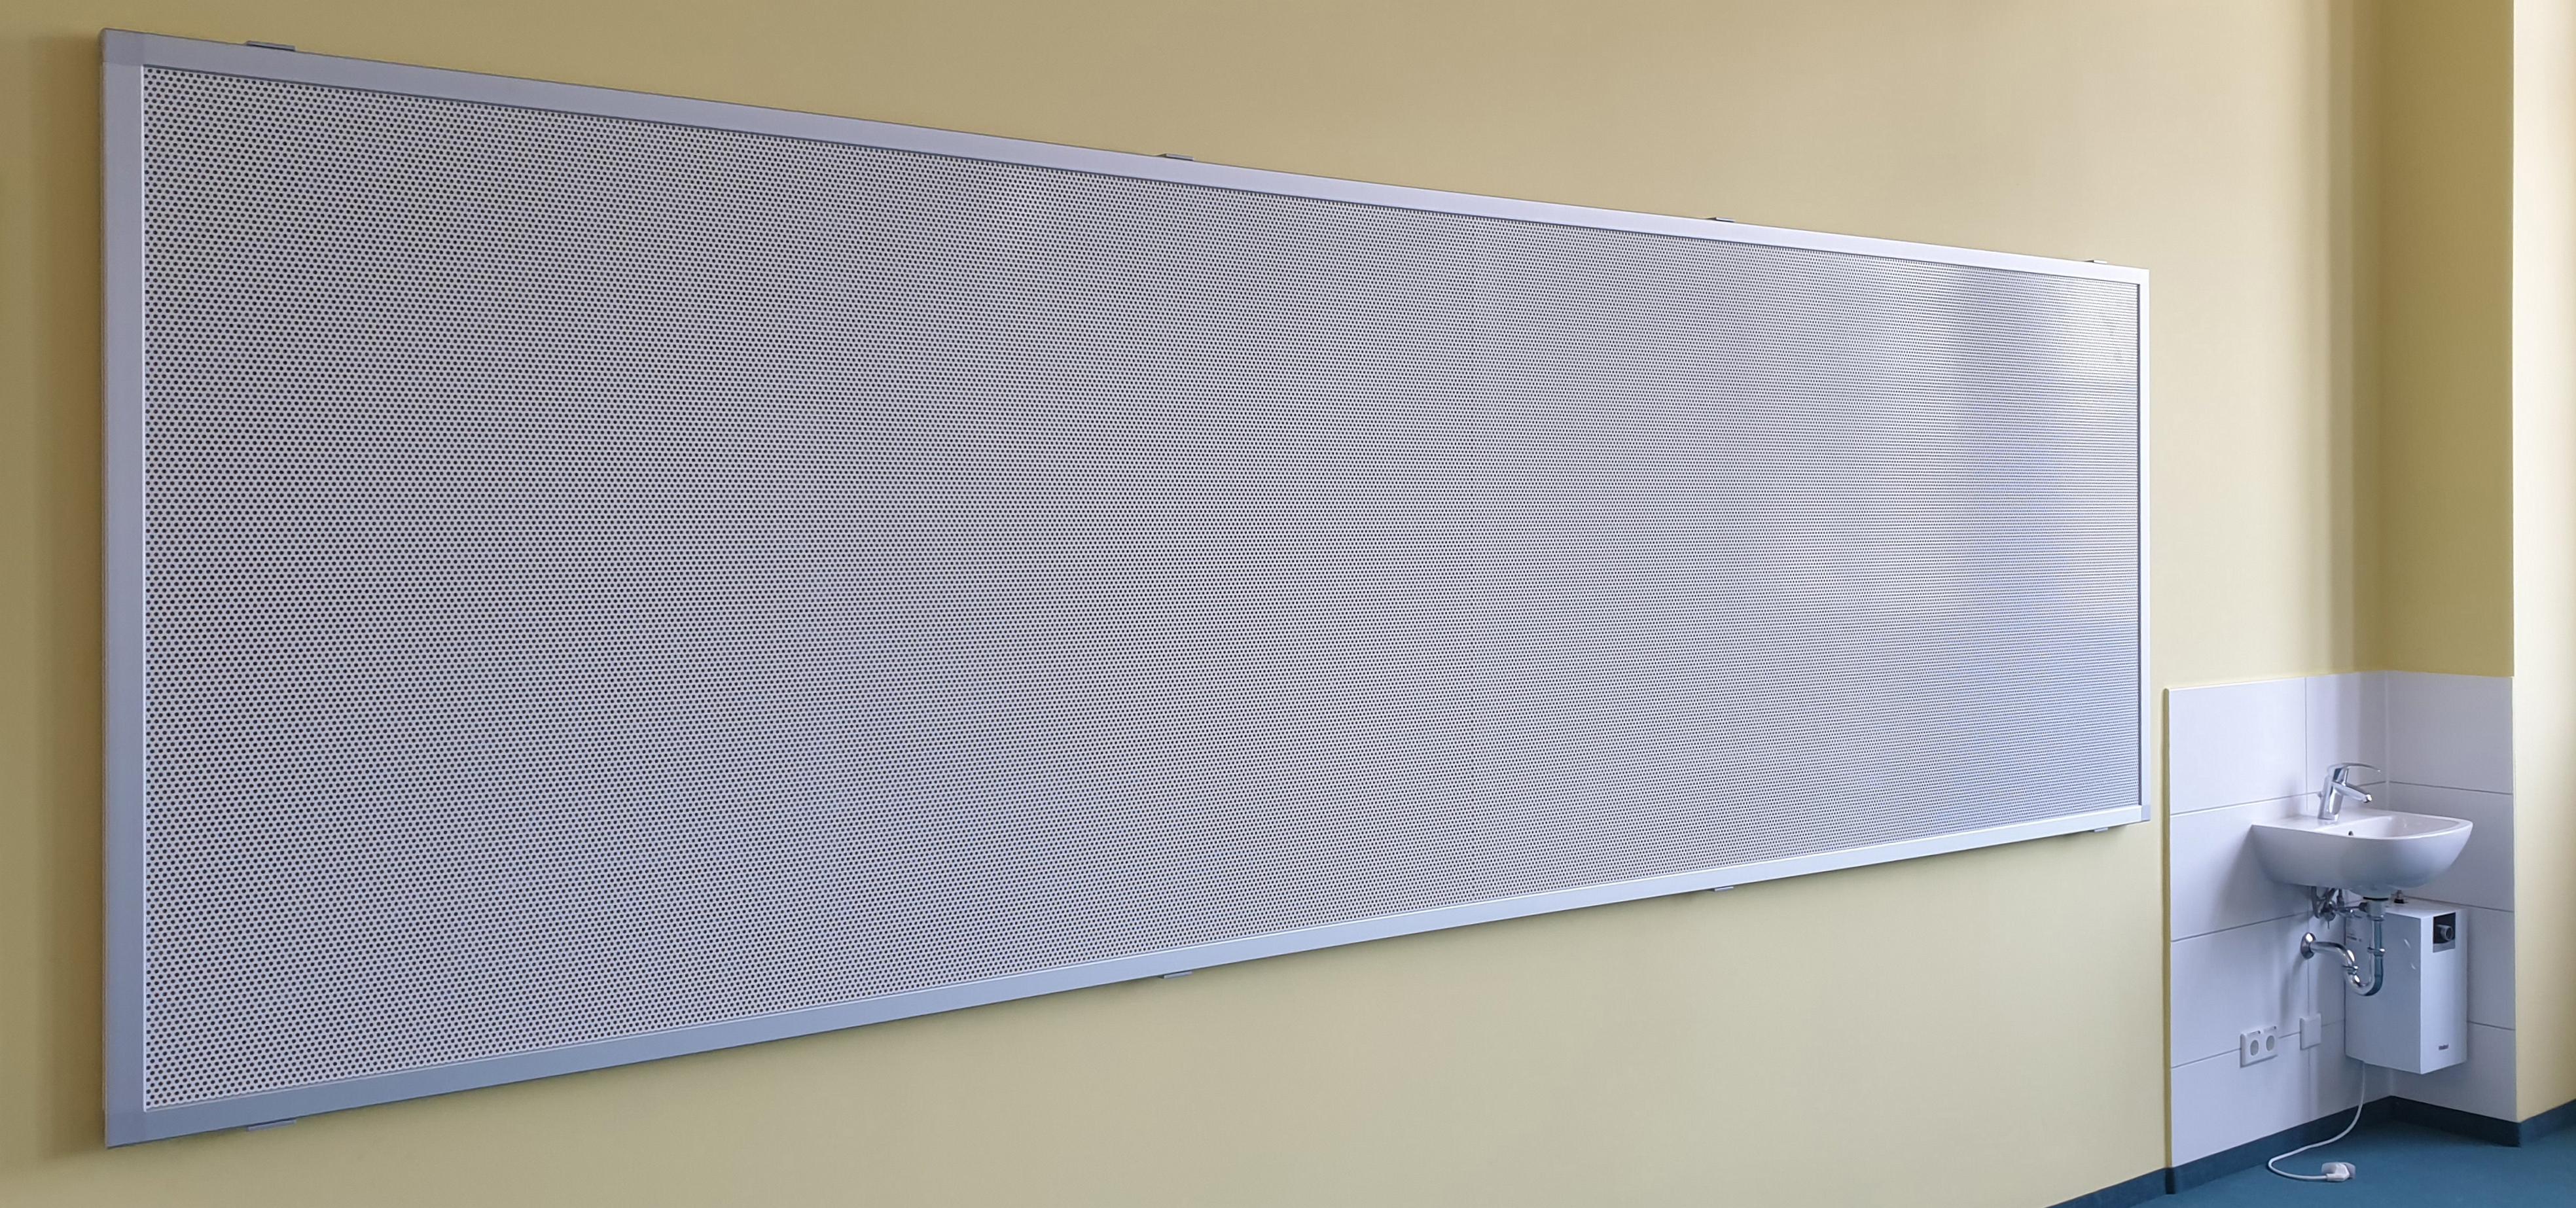 Tafel mit Kork und Lochblech magnethaftend, Format ca. 4.000 x 1.290 mm - Parkschule Zittau